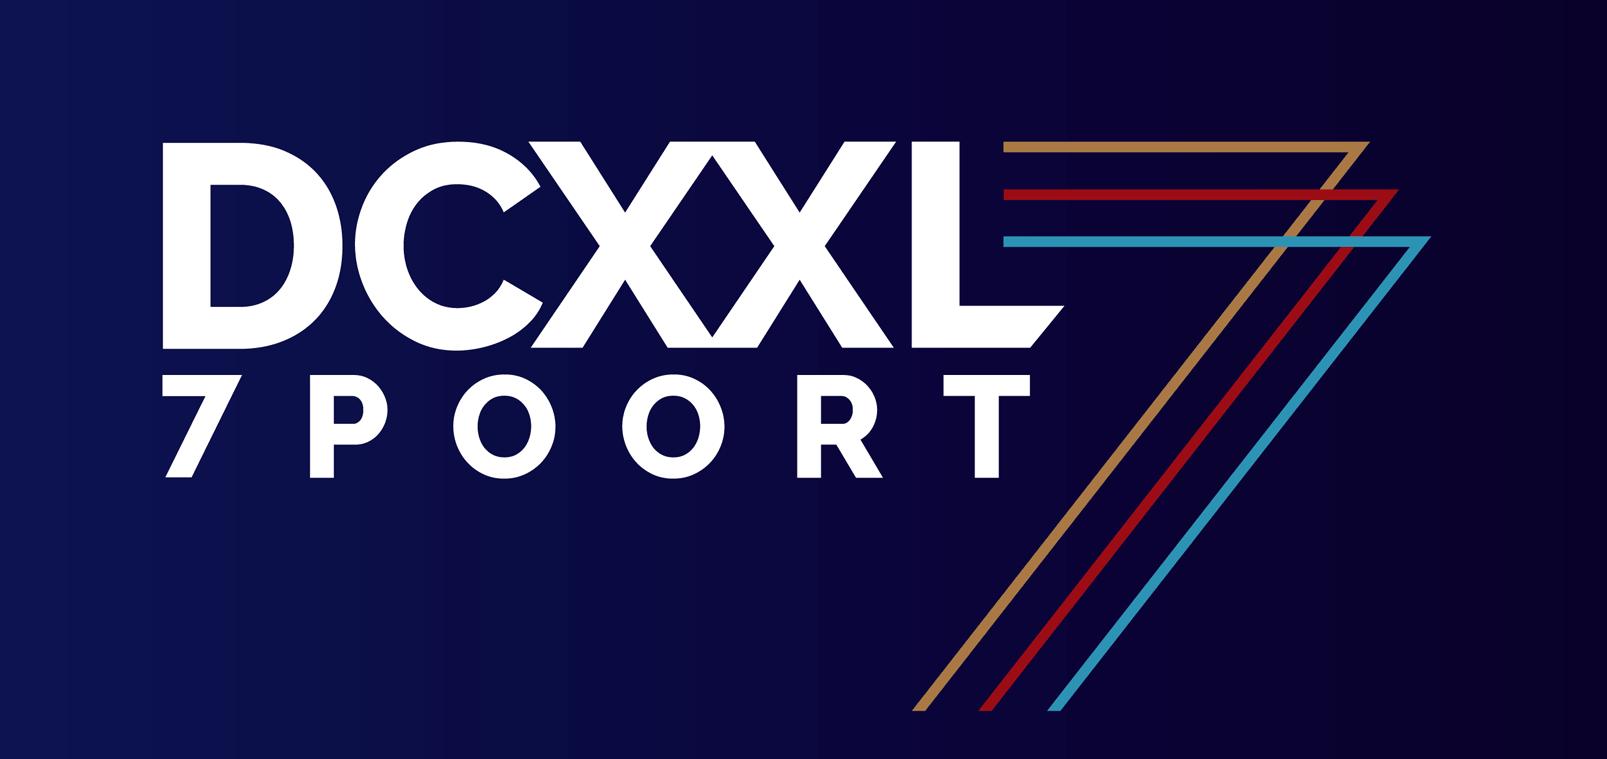 DCXXL 7Poort